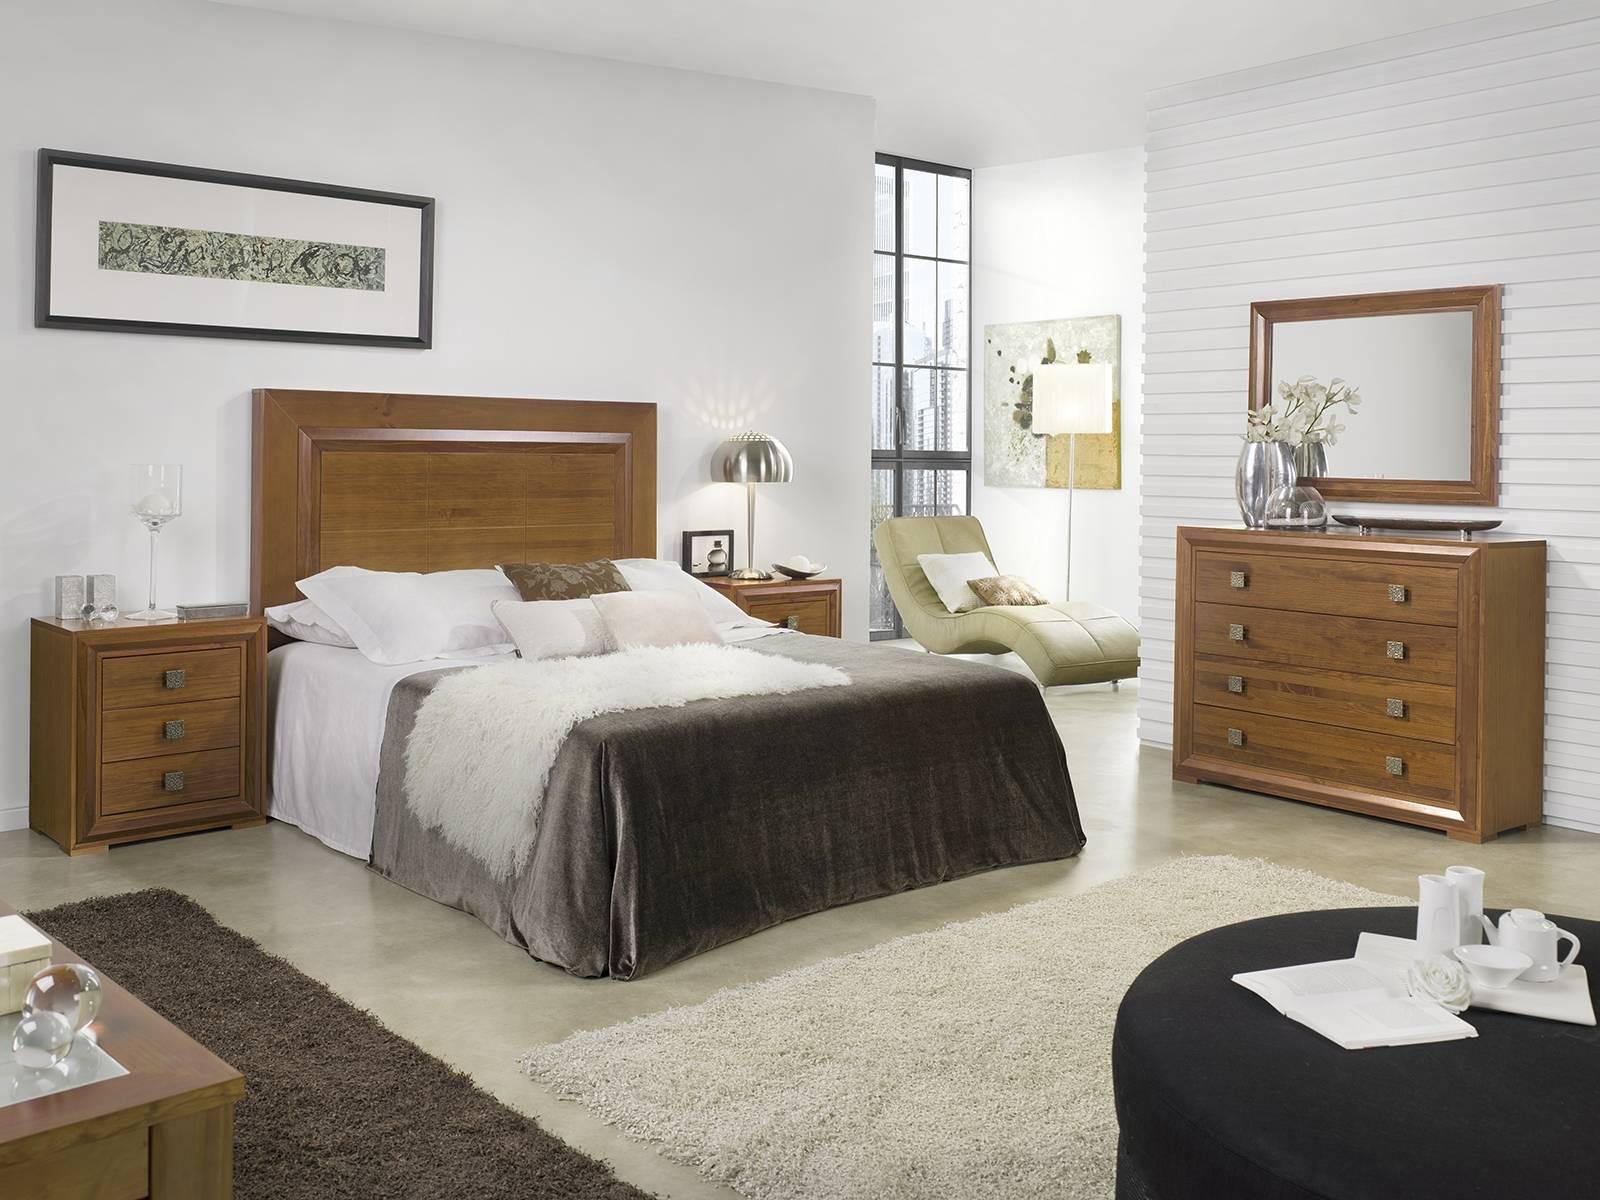 Mecamueble - Dormitorios en merkamueble ...